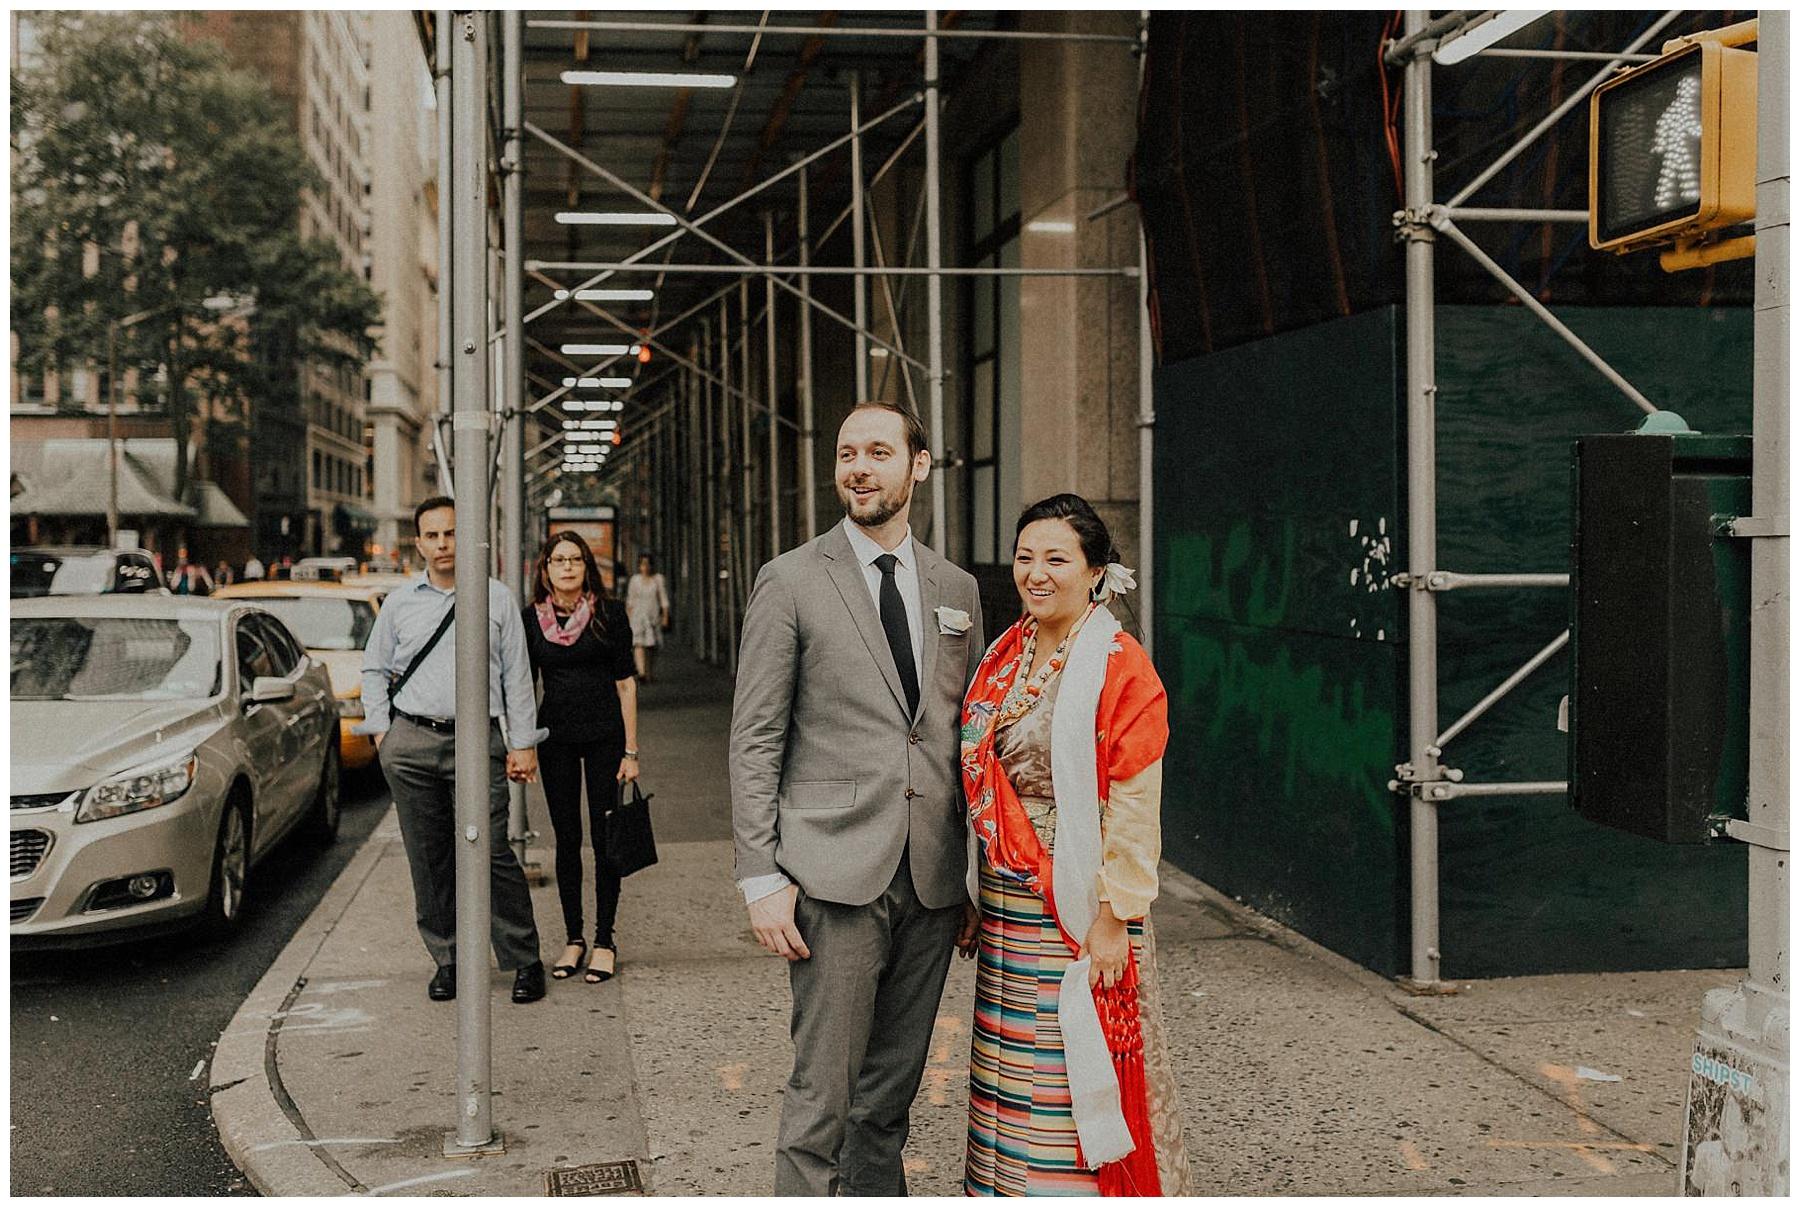 New York City Wedding New York City Wedding Photographer-129.jpg